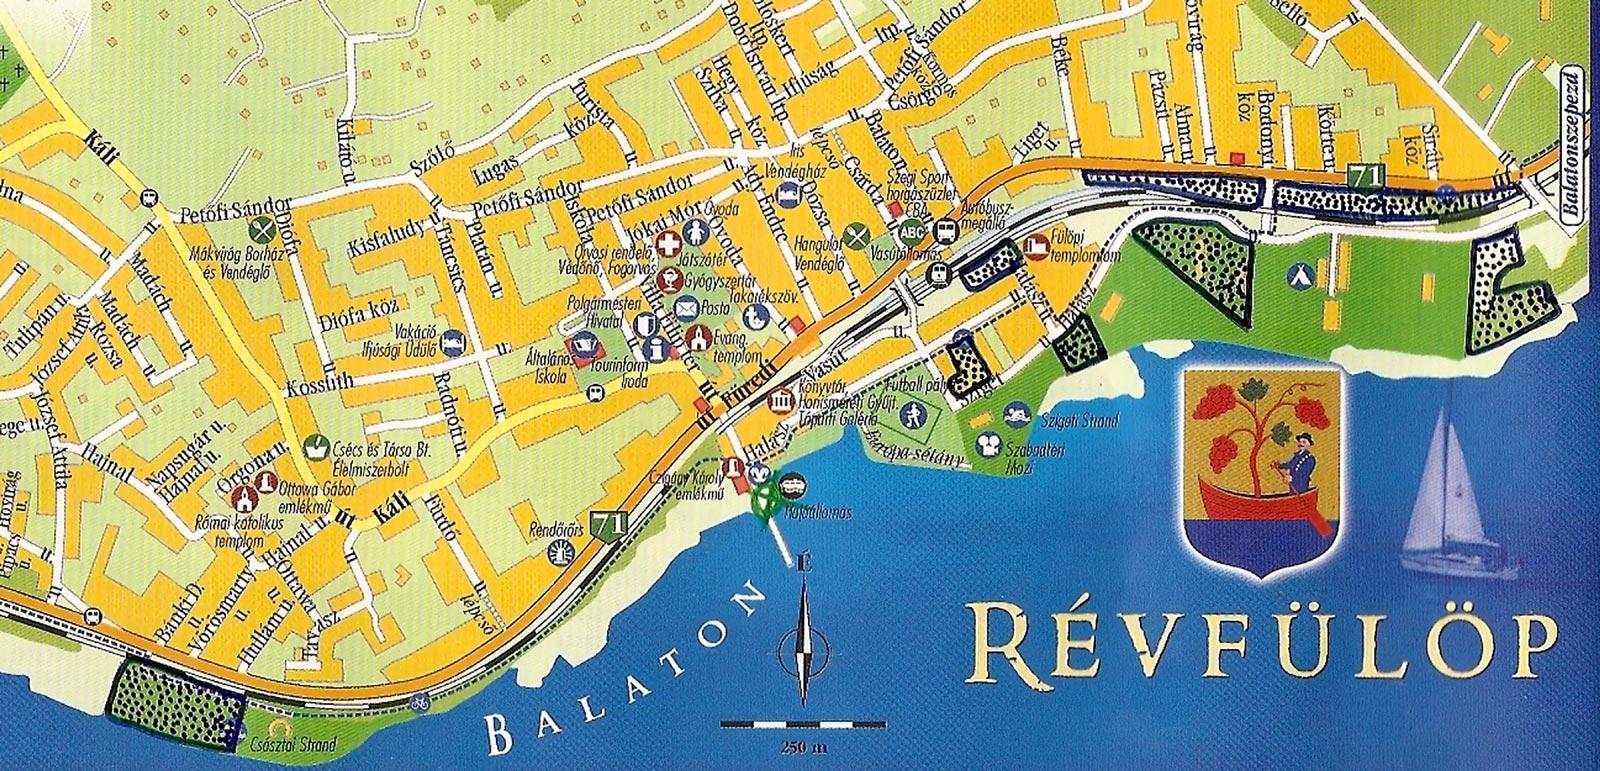 balaton révfülöp térkép Balaton átúszás   Révfülöpi parkolóhelyek, Tájékoztatjuk a Balaton  balaton révfülöp térkép